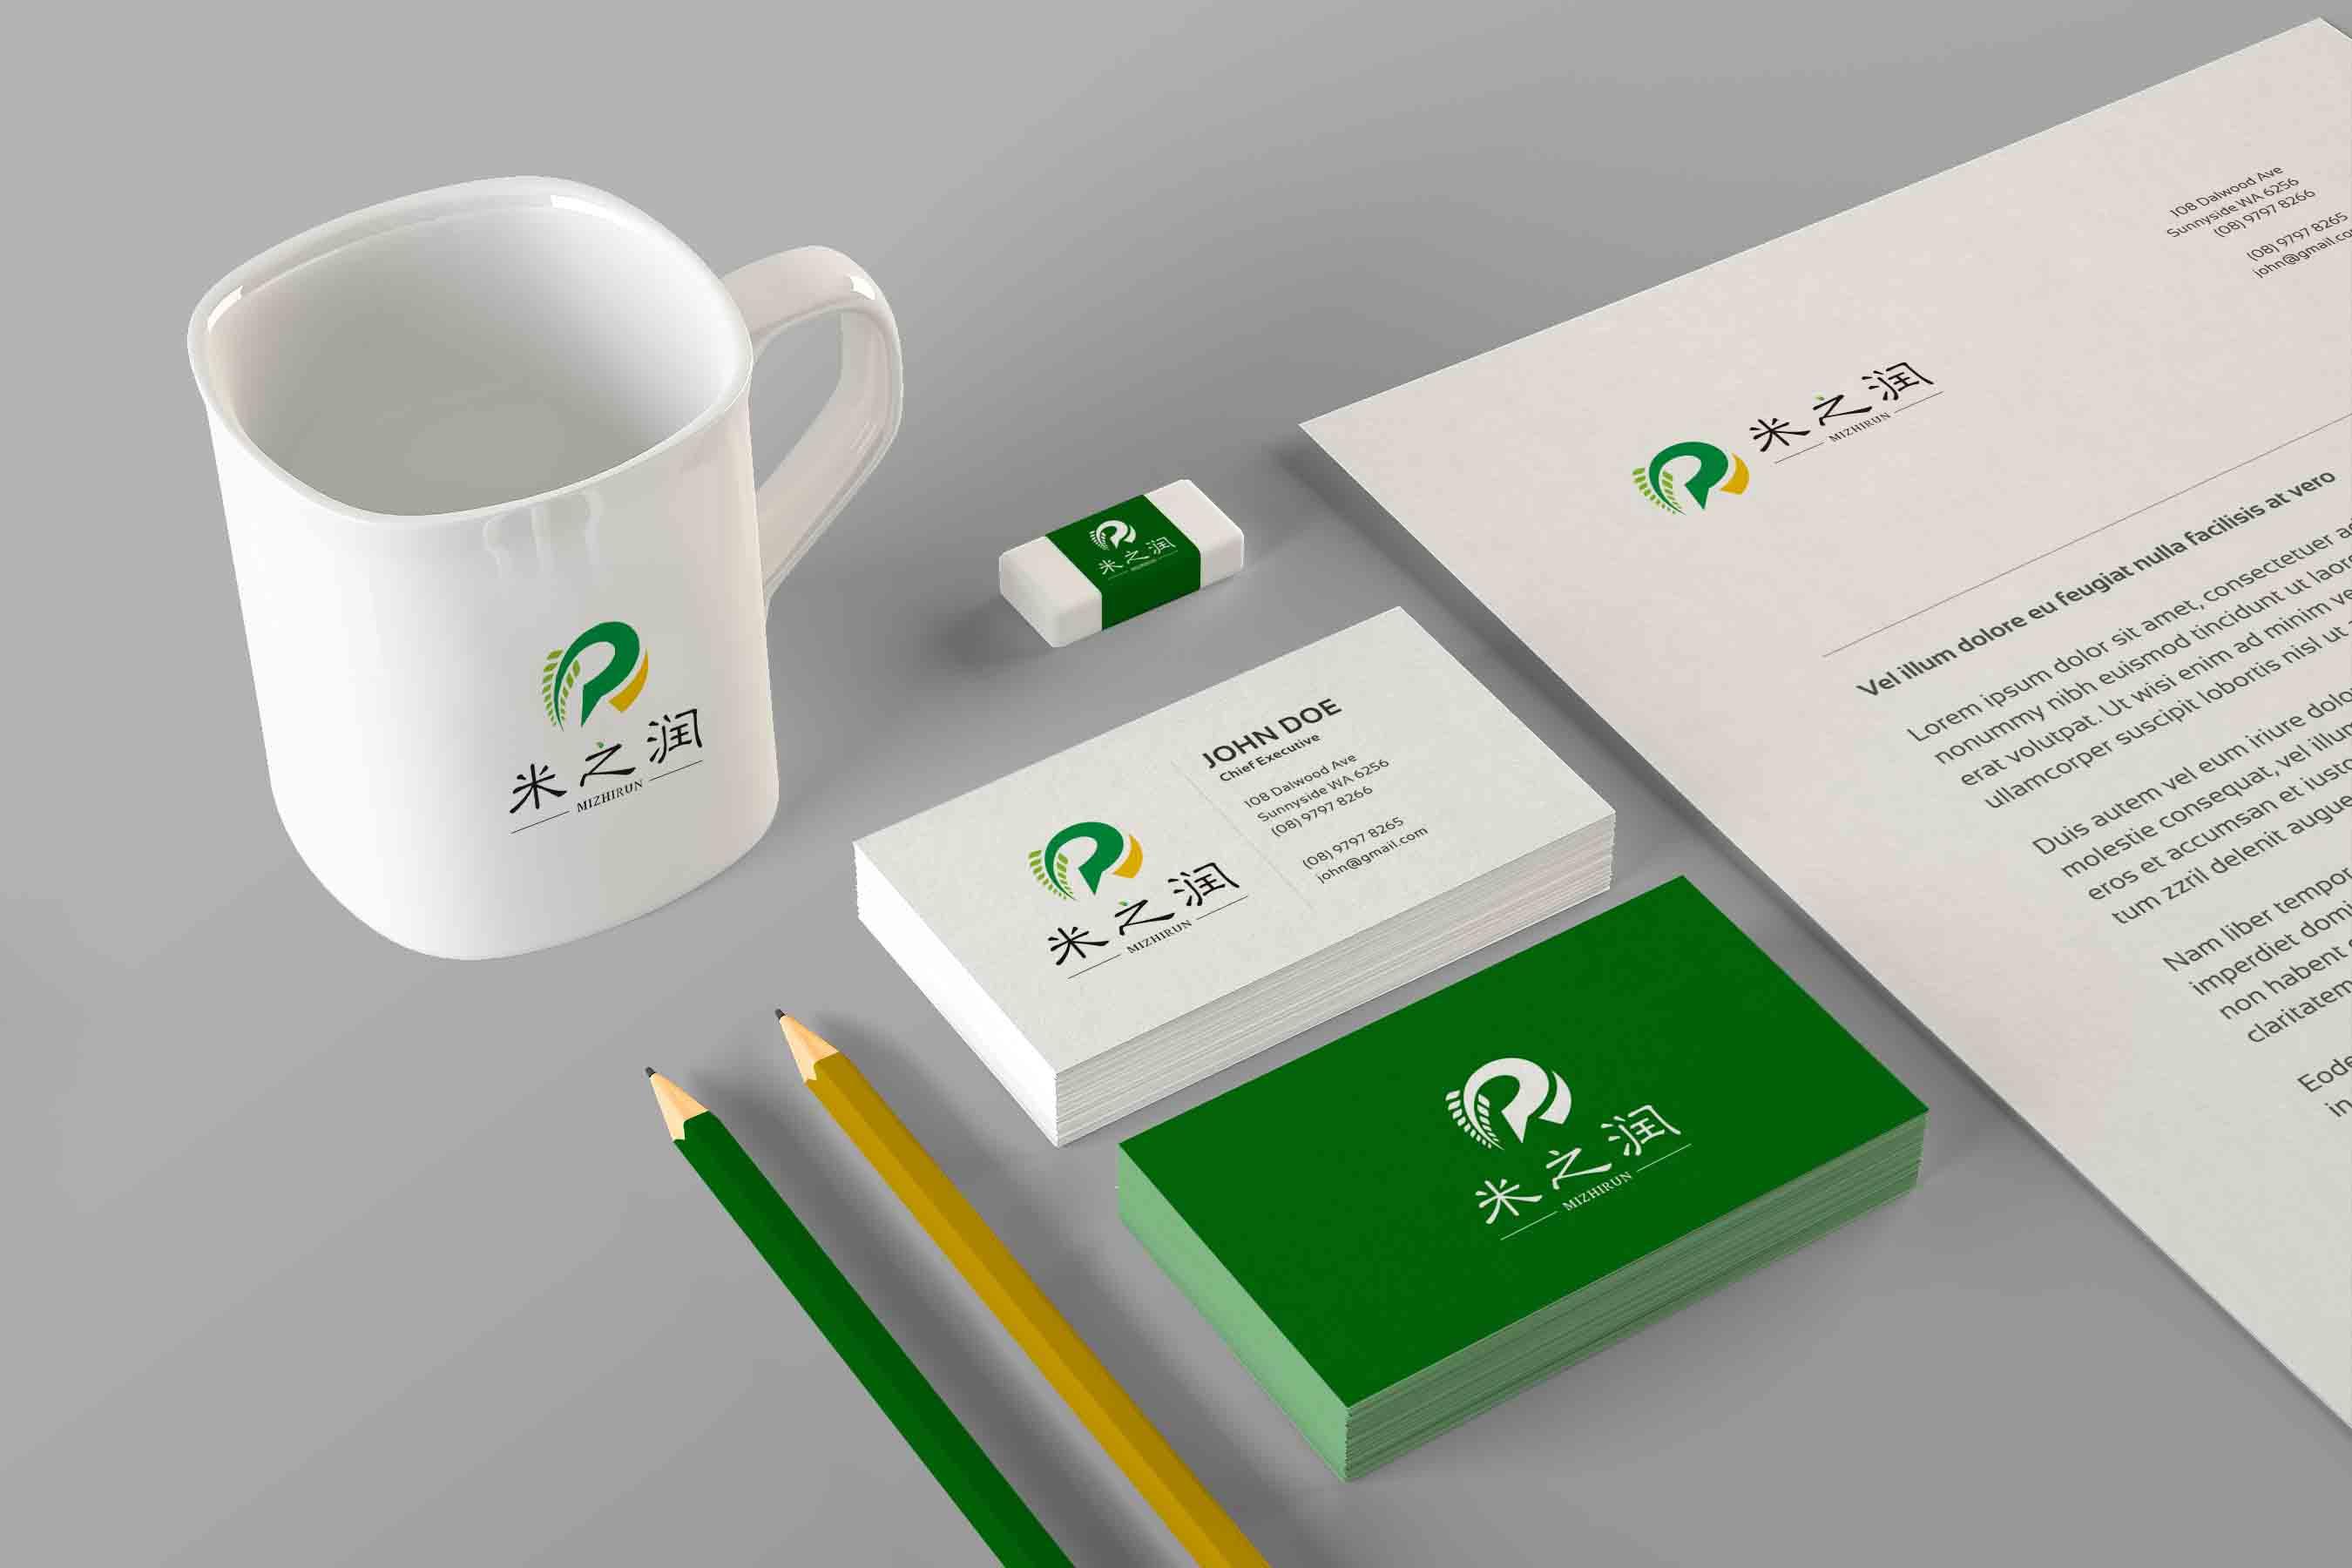 米之润logo设计_2955976_k68威客网